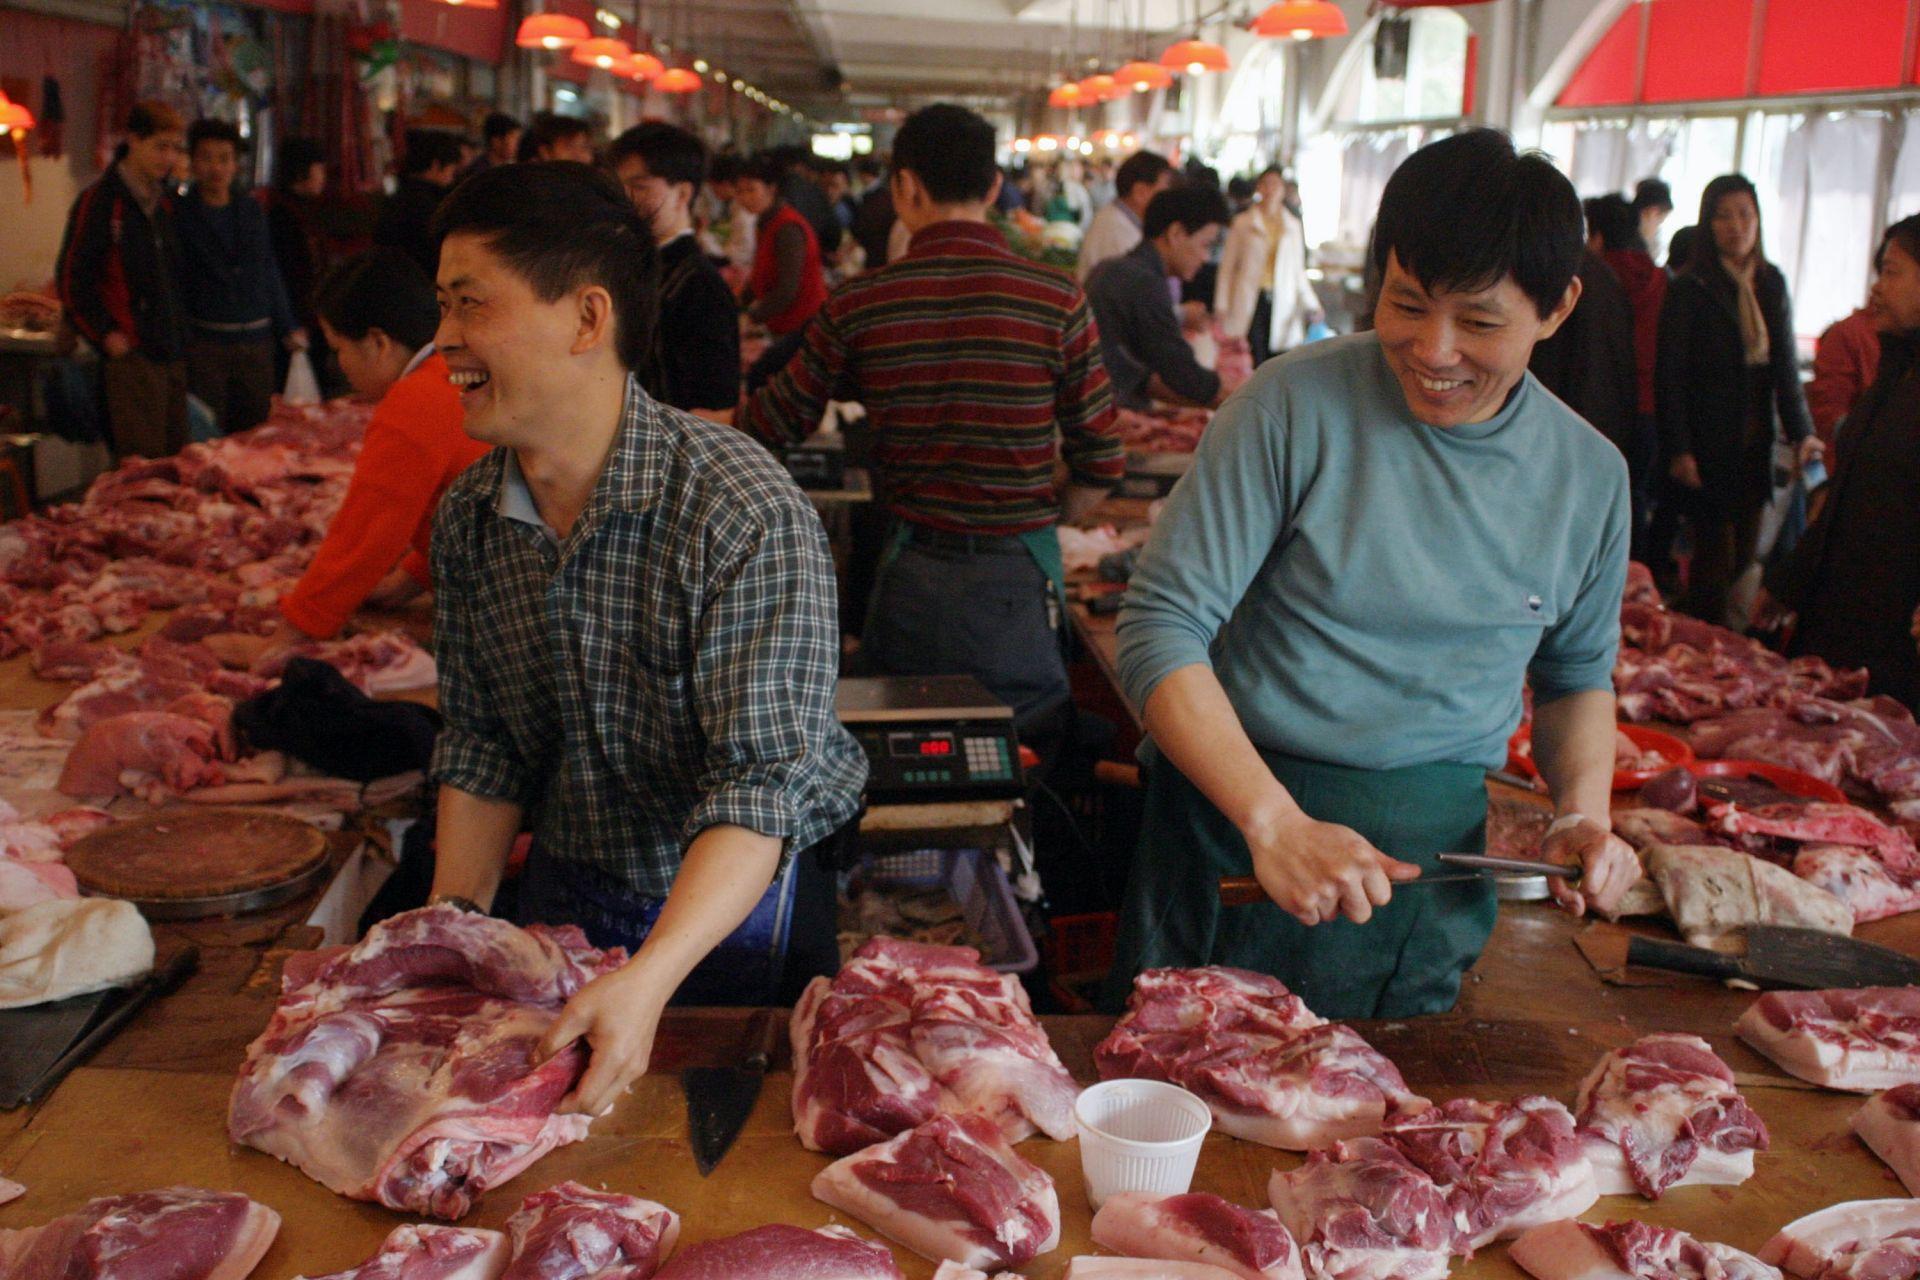 Януари 13, 2003 г.: Месарите  на пазар в Шенжен в Китай